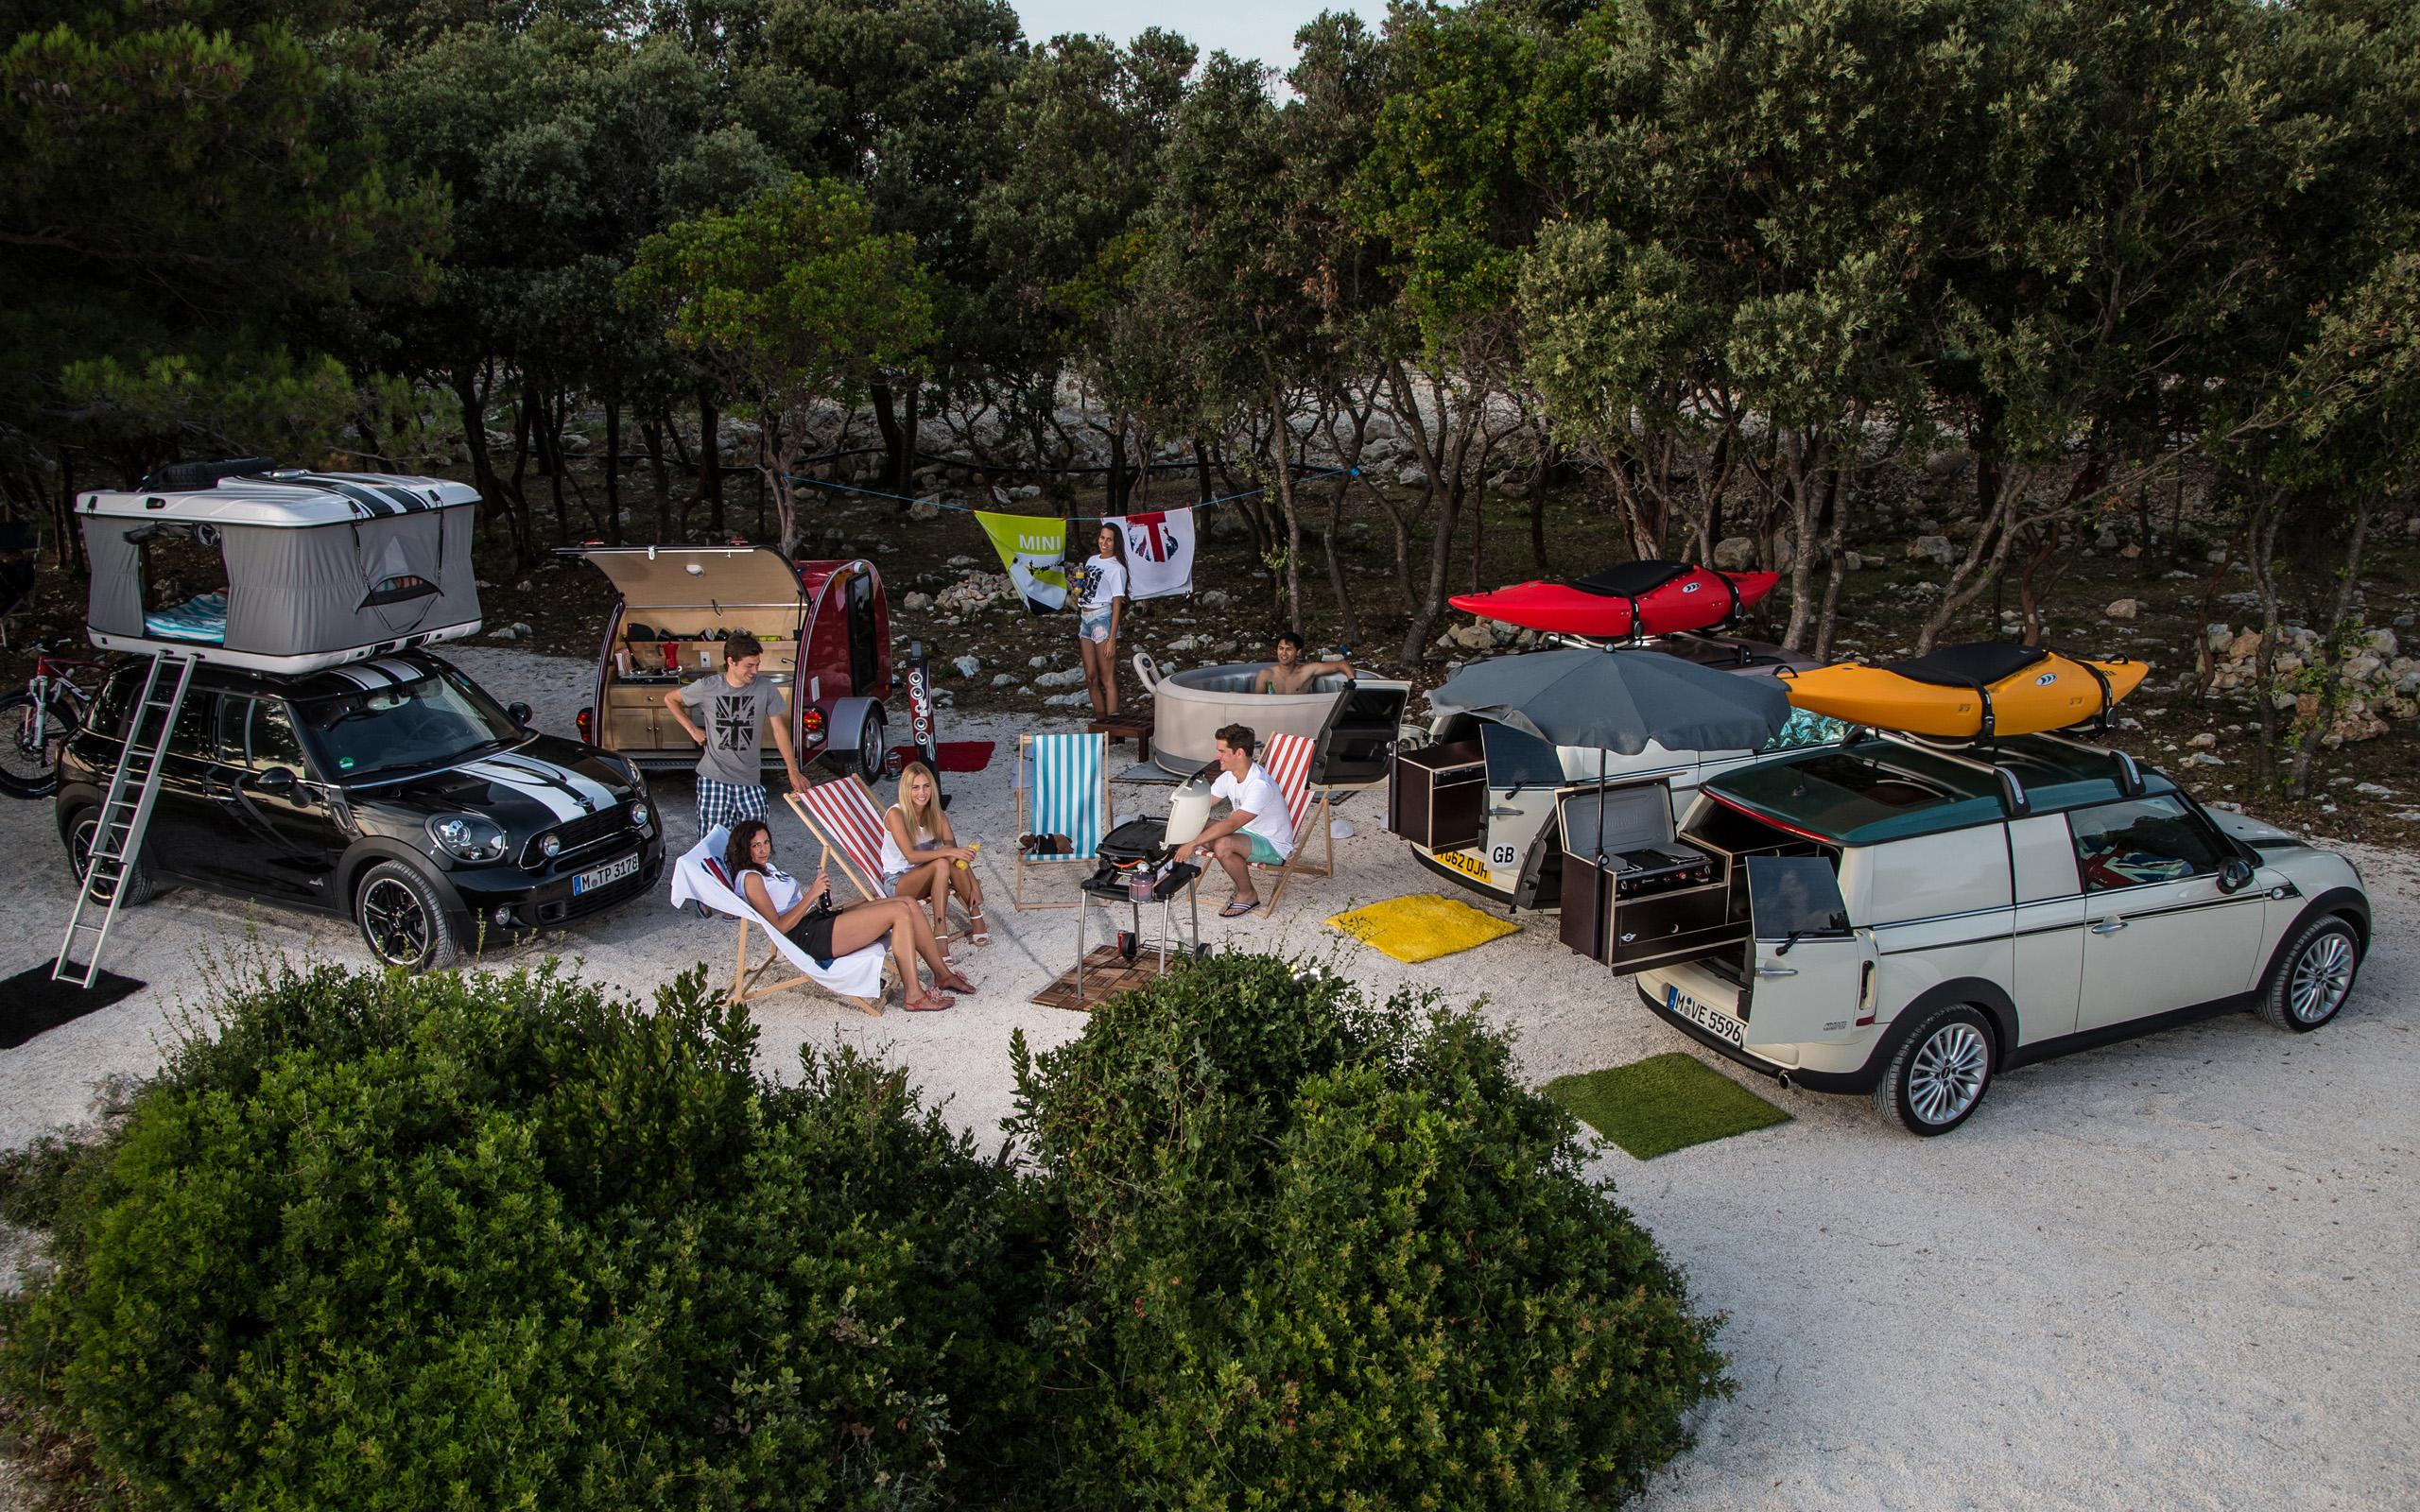 RV Camping Wallpaper - WallpaperSafari